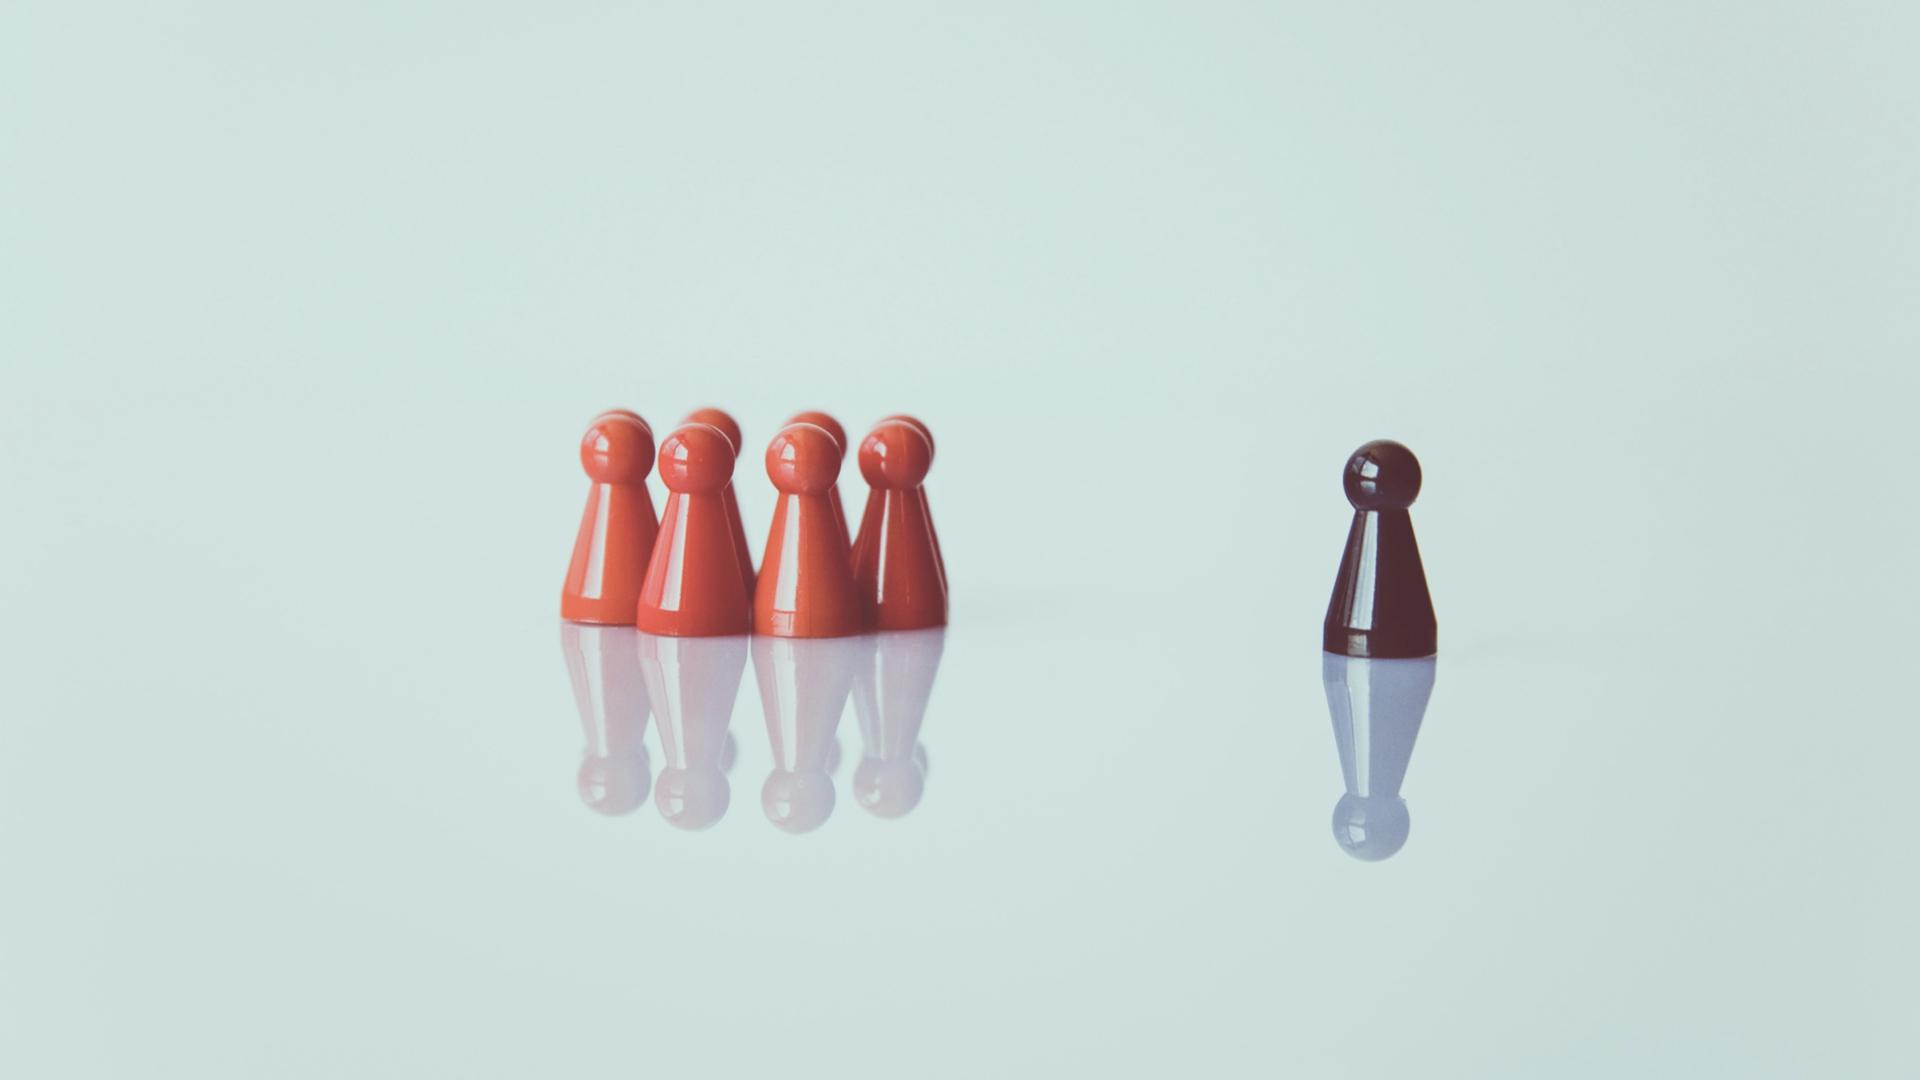 What Makes a Unique Value Proposition?